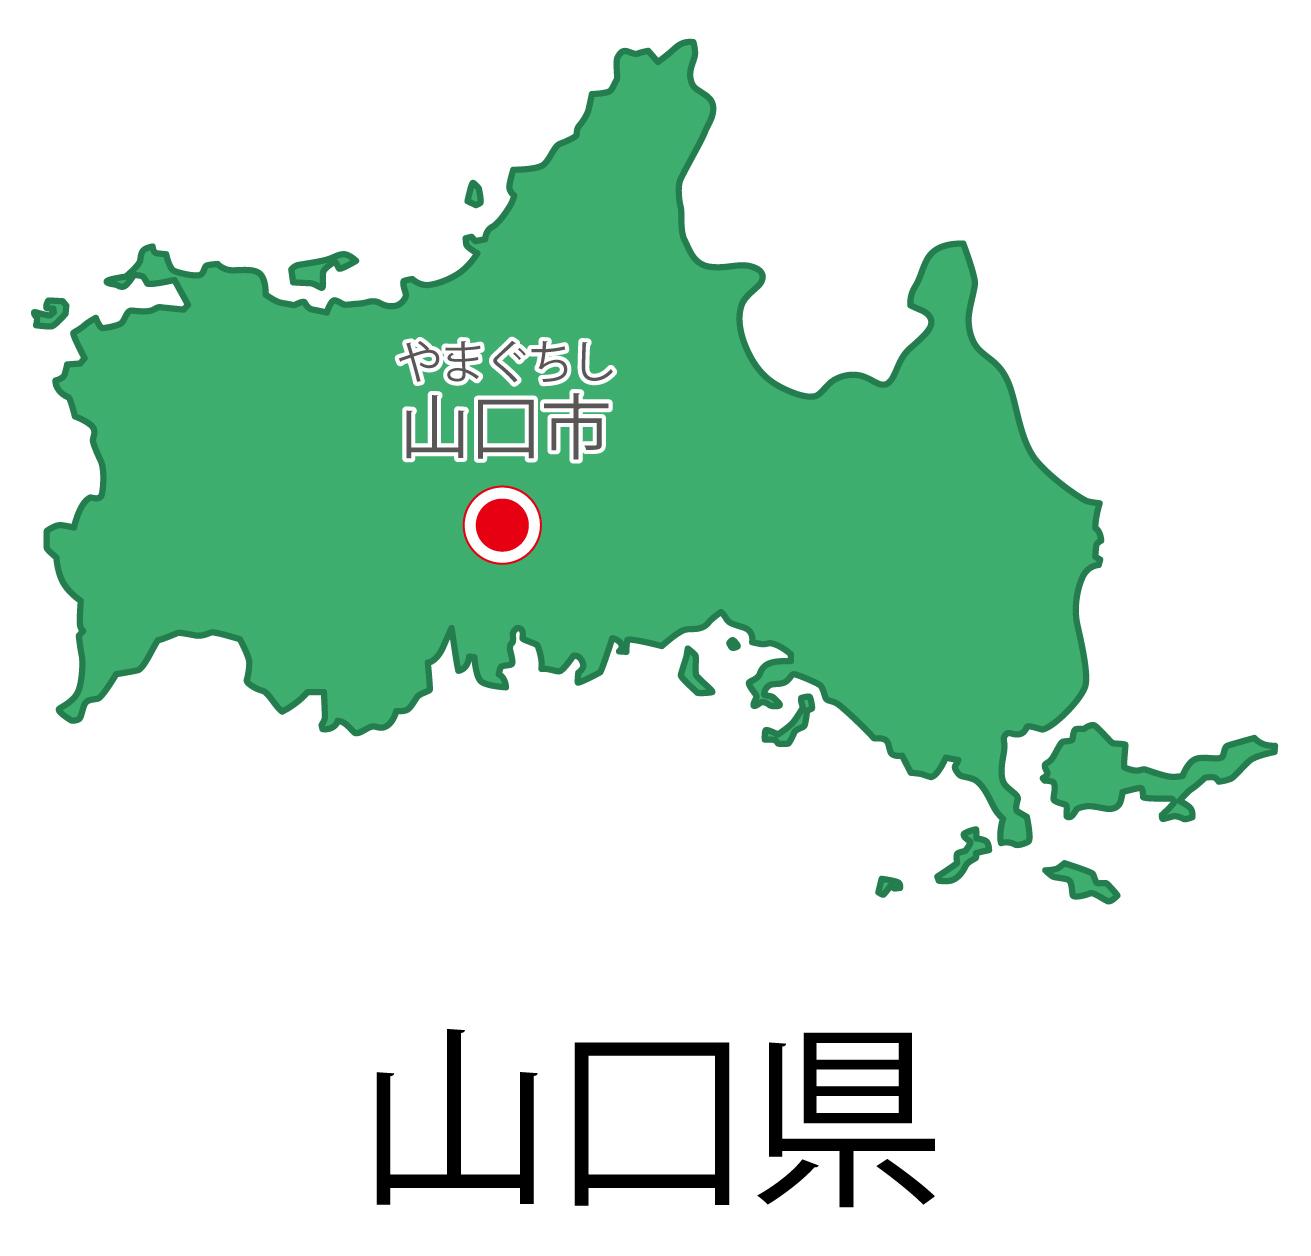 山口県無料フリーイラスト|日本語・都道府県名あり・県庁所在地あり・ルビあり(緑)